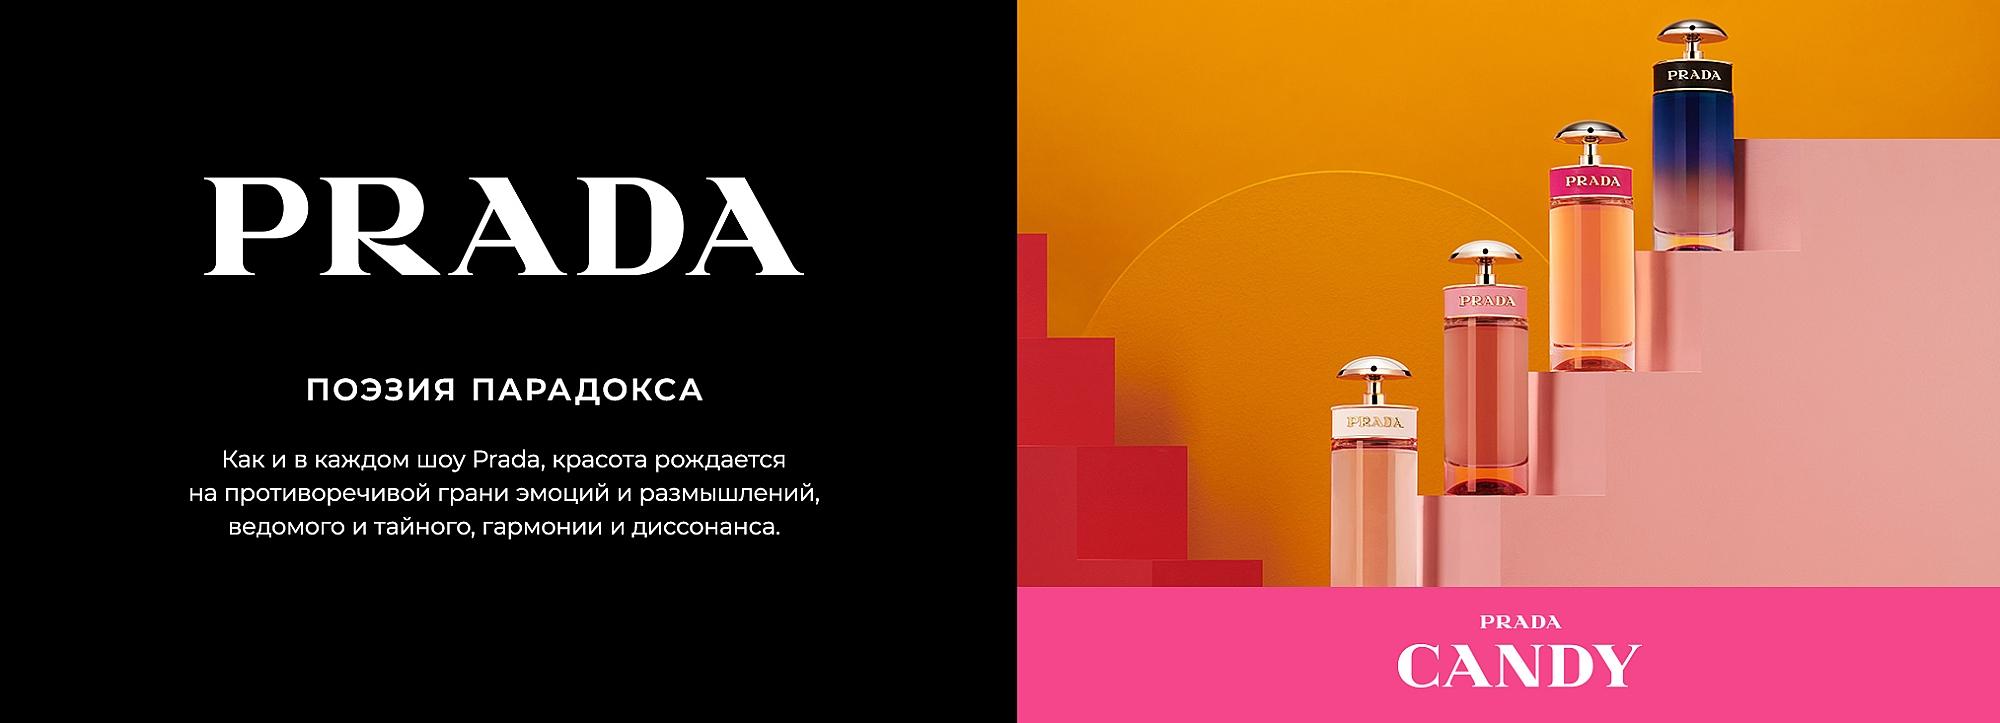 Prado brand page